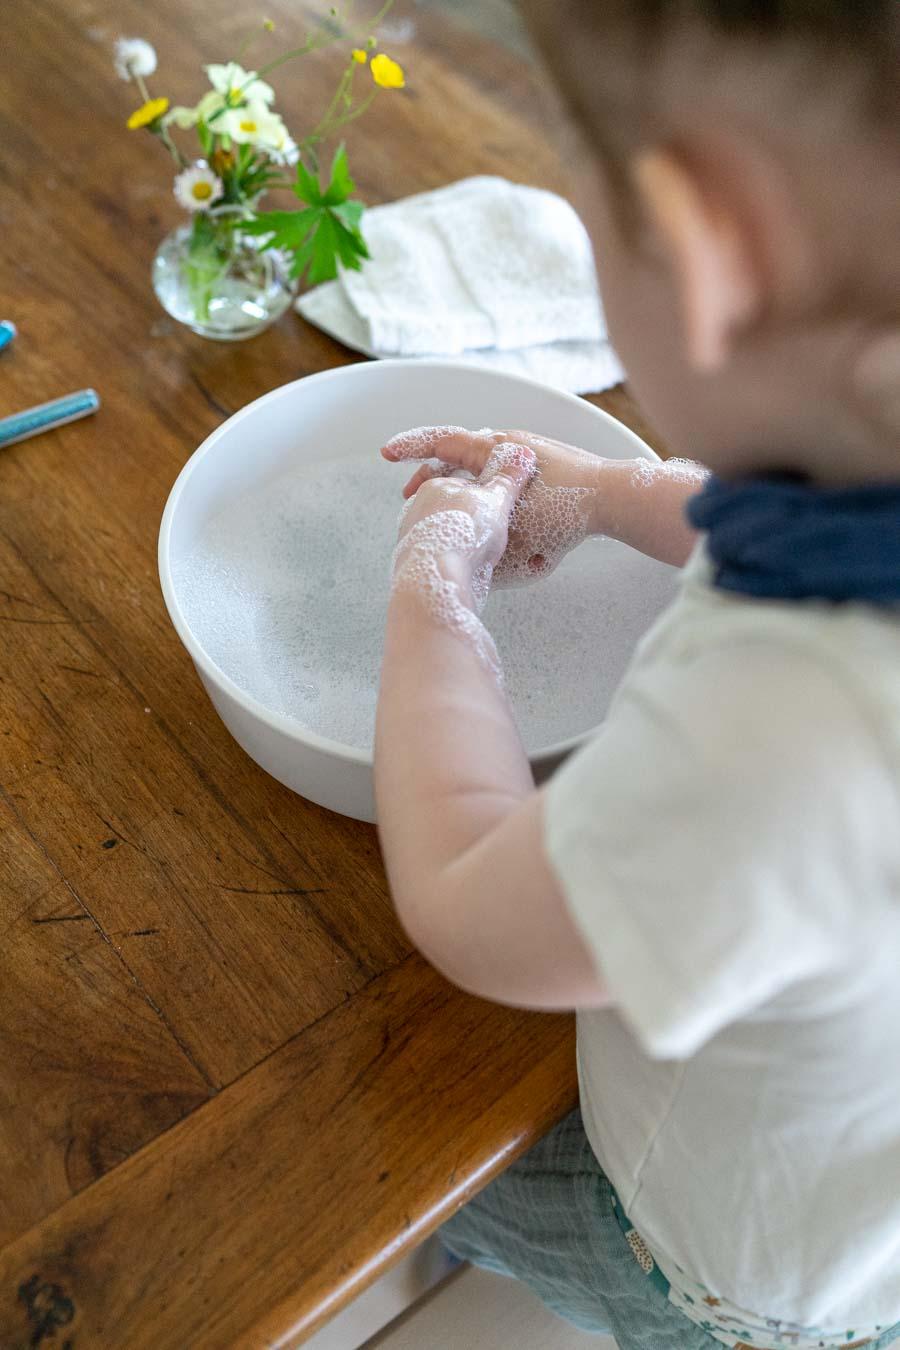 Spielidee Händewaschen Kinder: Gut einseifen